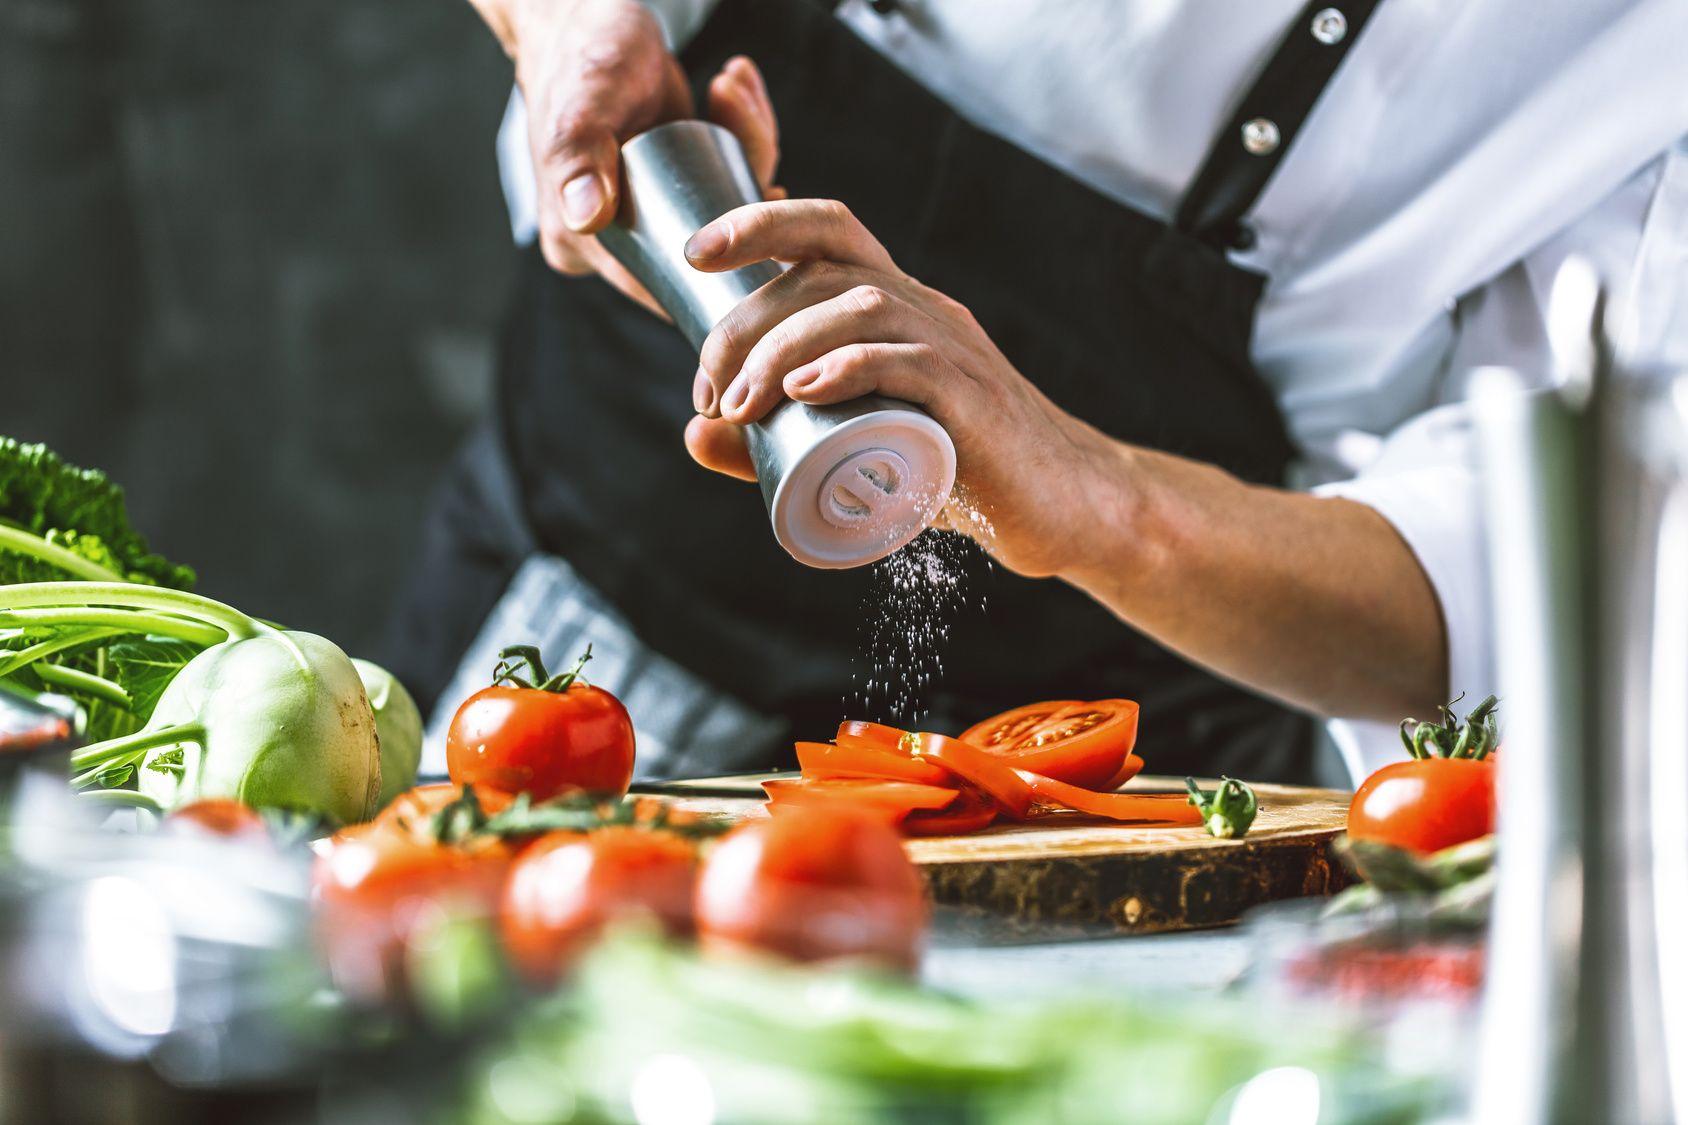 Chefkoch in der Küche mit Frischem Gemüse (Tomaten)